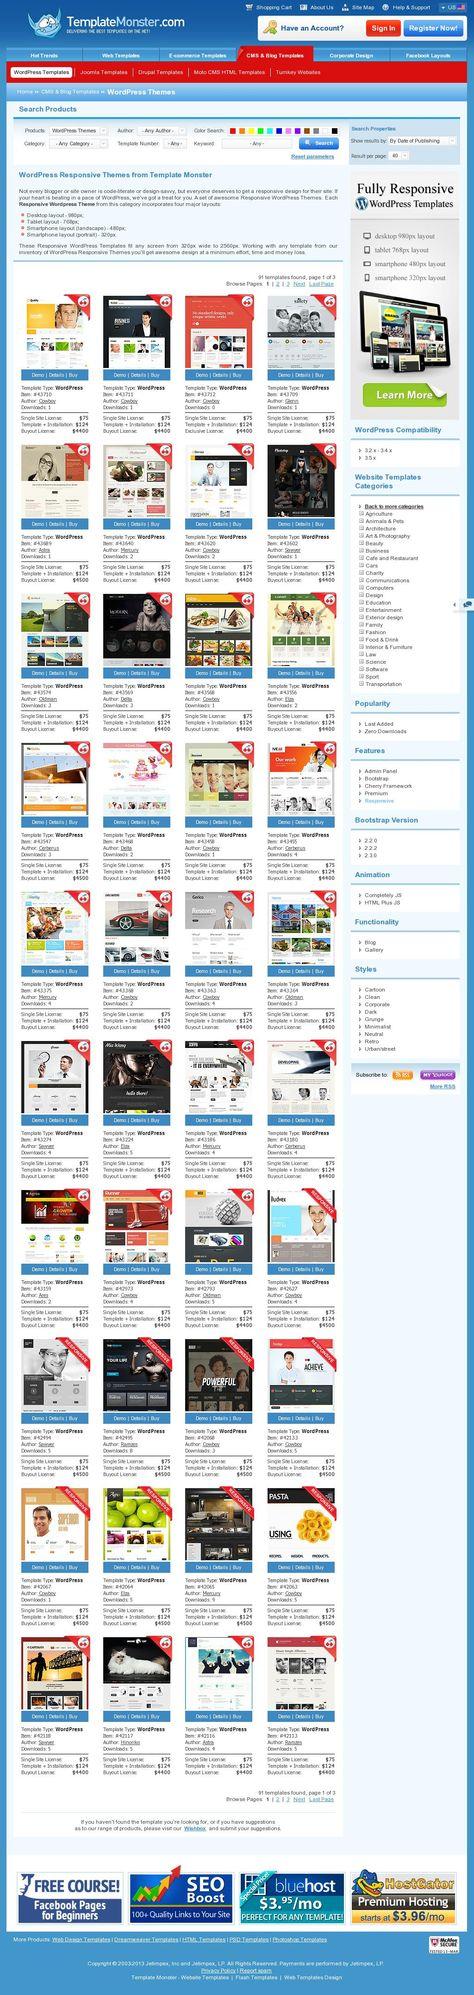 Fantastisch Vorlage Monster Wordpress Themen Zeitgenössisch - Entry ...